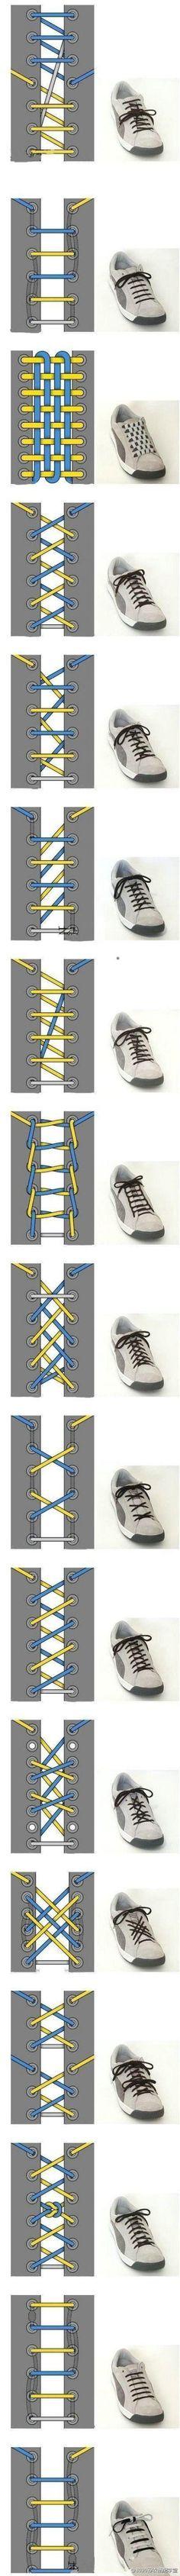 【画像】「靴ヒモの結び方」 色々まとめ